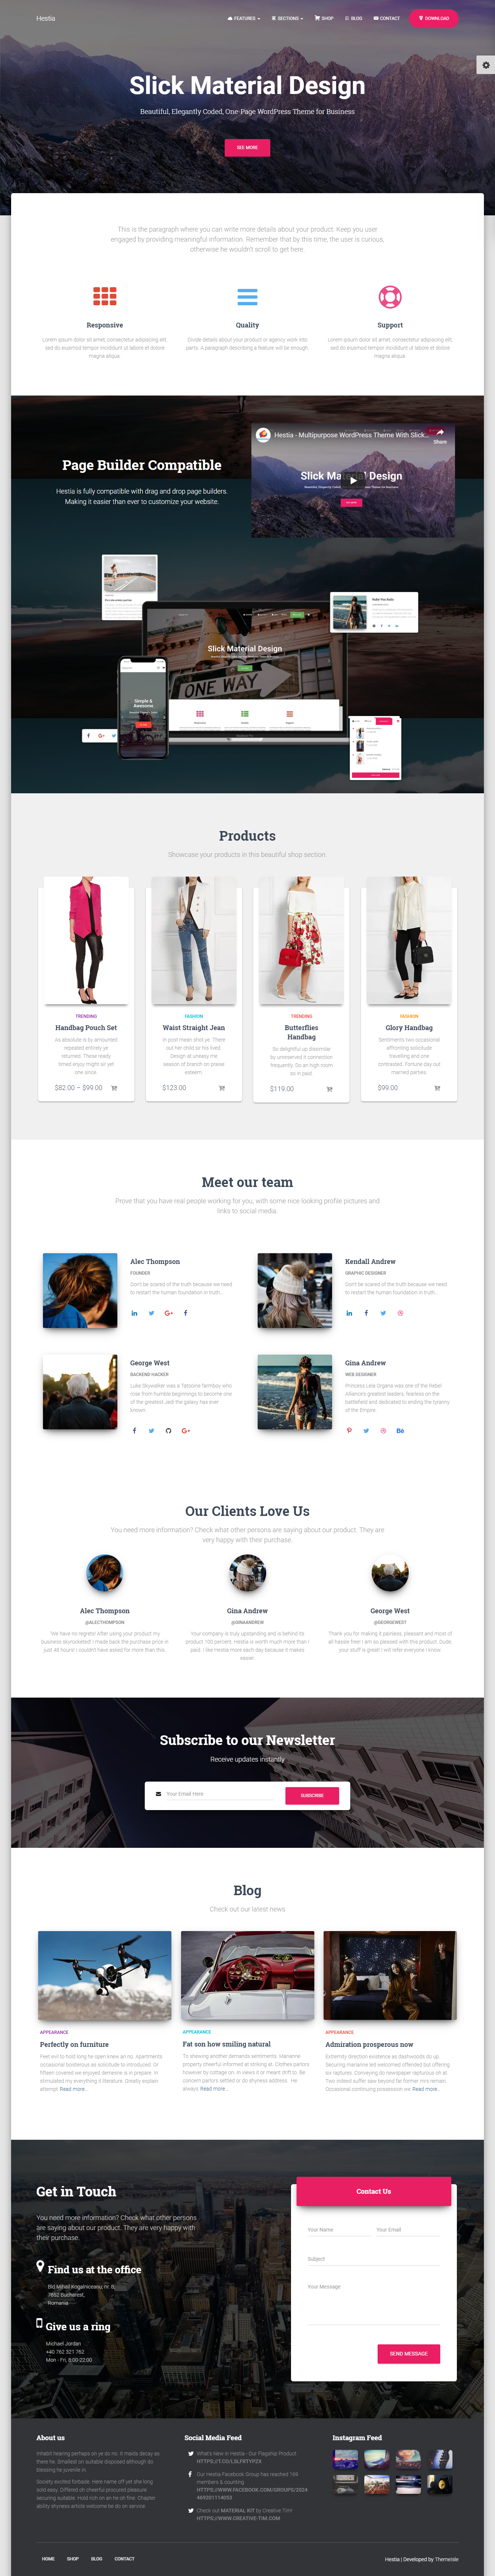 Hestia Lite - El mejor tema de WordPress para diseño de materiales gratuito